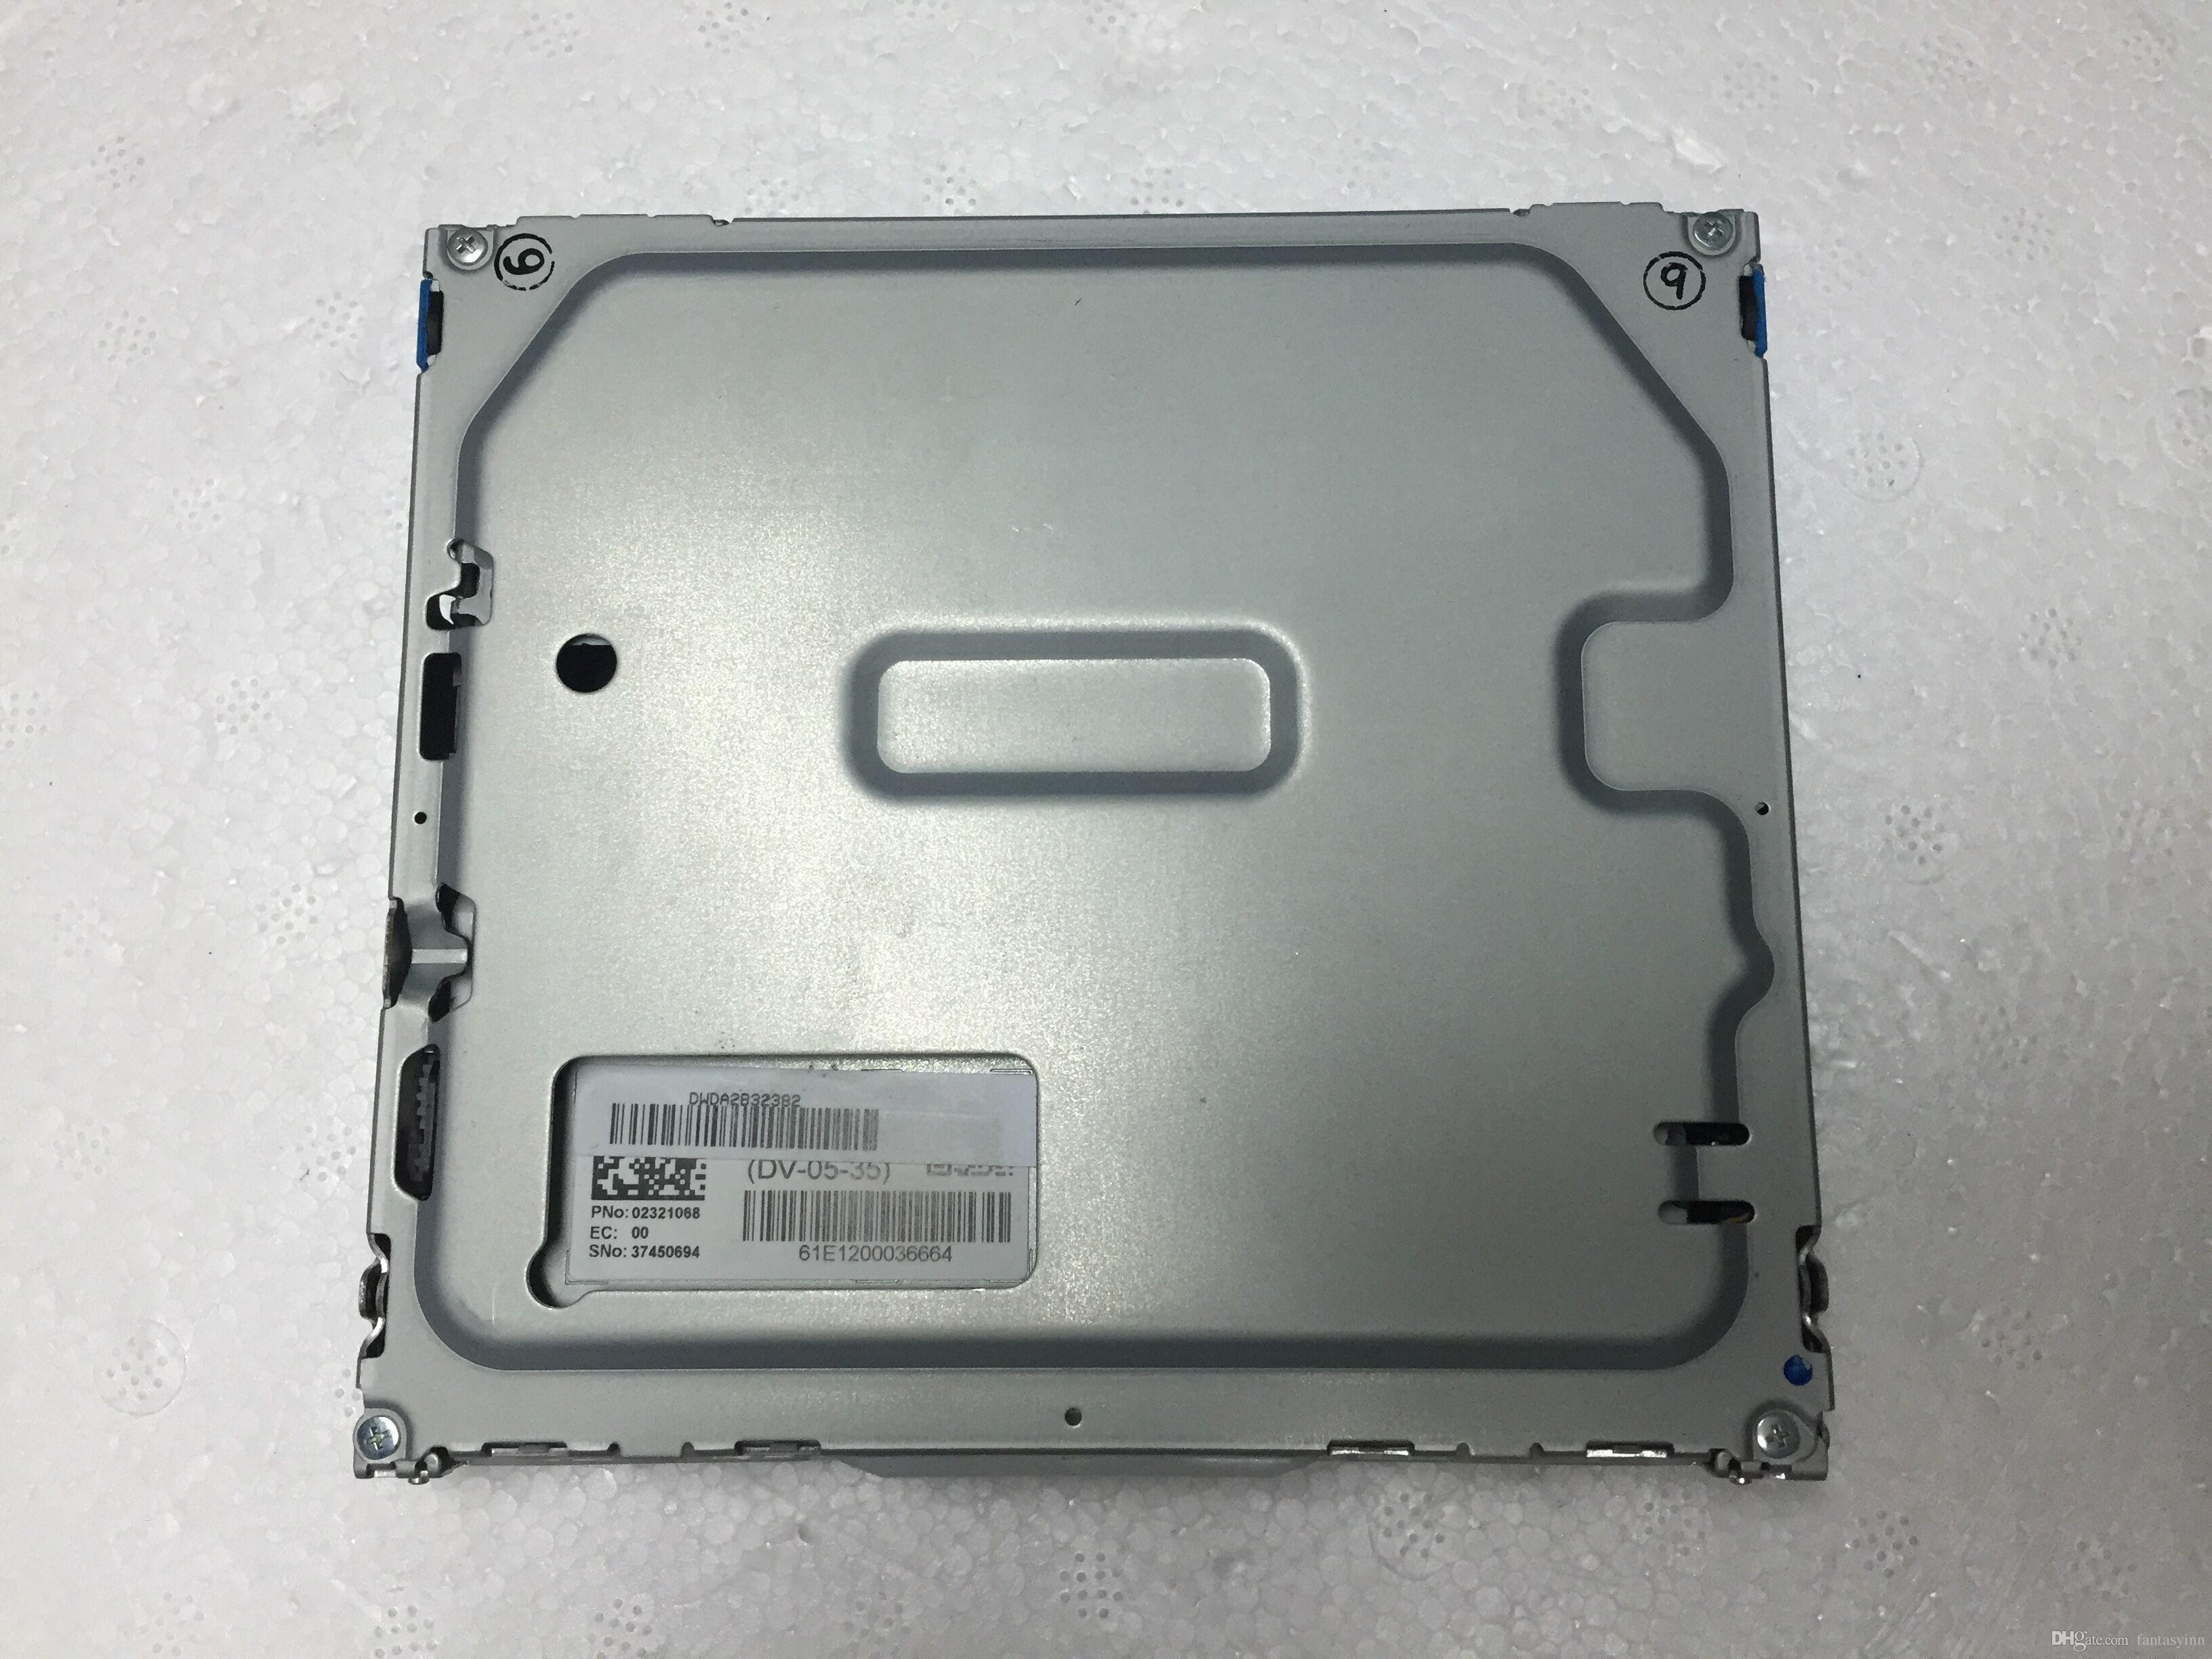 Original novo DV-05-30 / DV-05-35 / DV-05 mecanismo de navegação carregador DVD para Toyota chrysler BMW X5 car DVD sistemas de áudio GPS